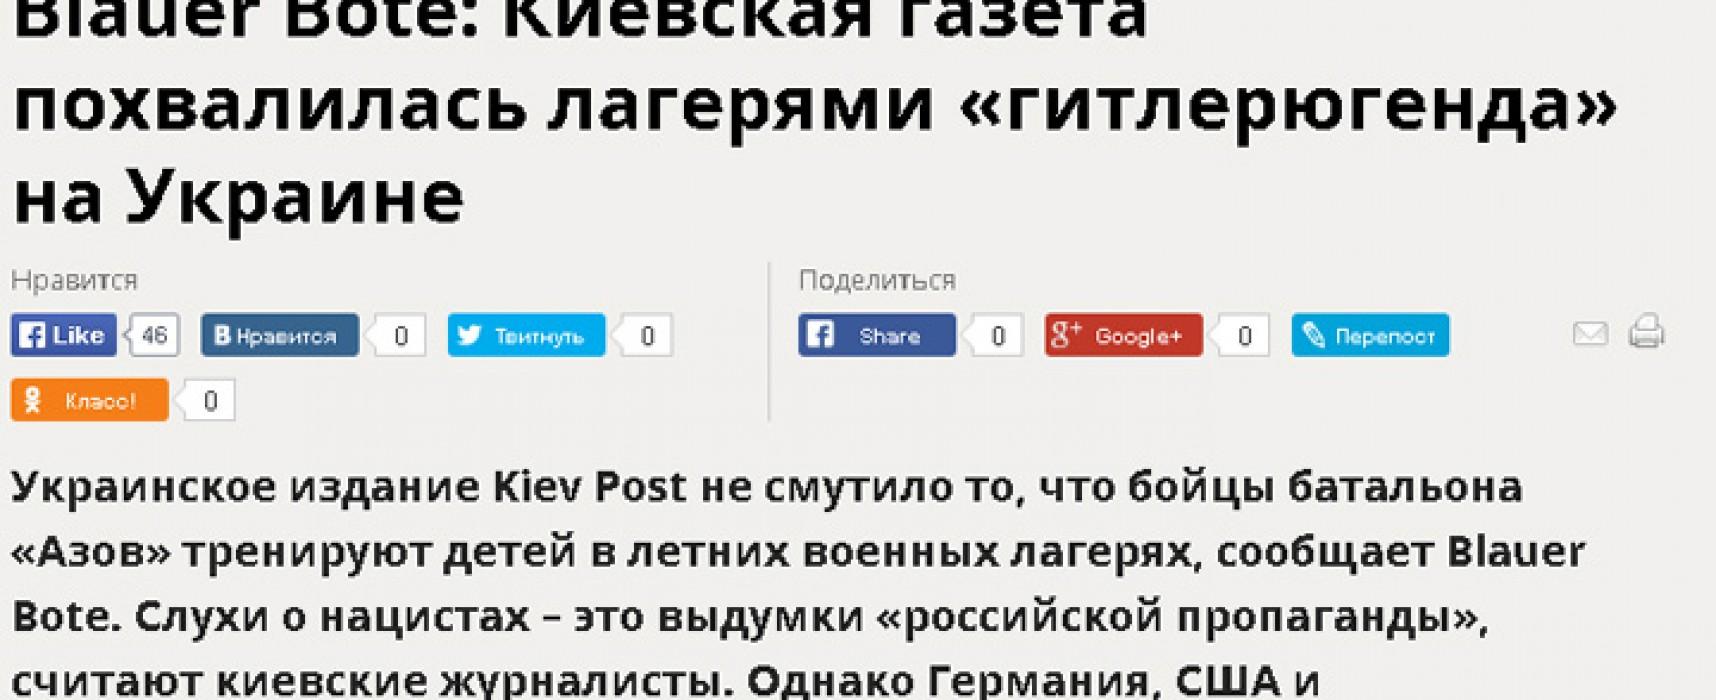 Руски и сепаратистки издания продължават да цитират анонимни блогове като официални СМИ